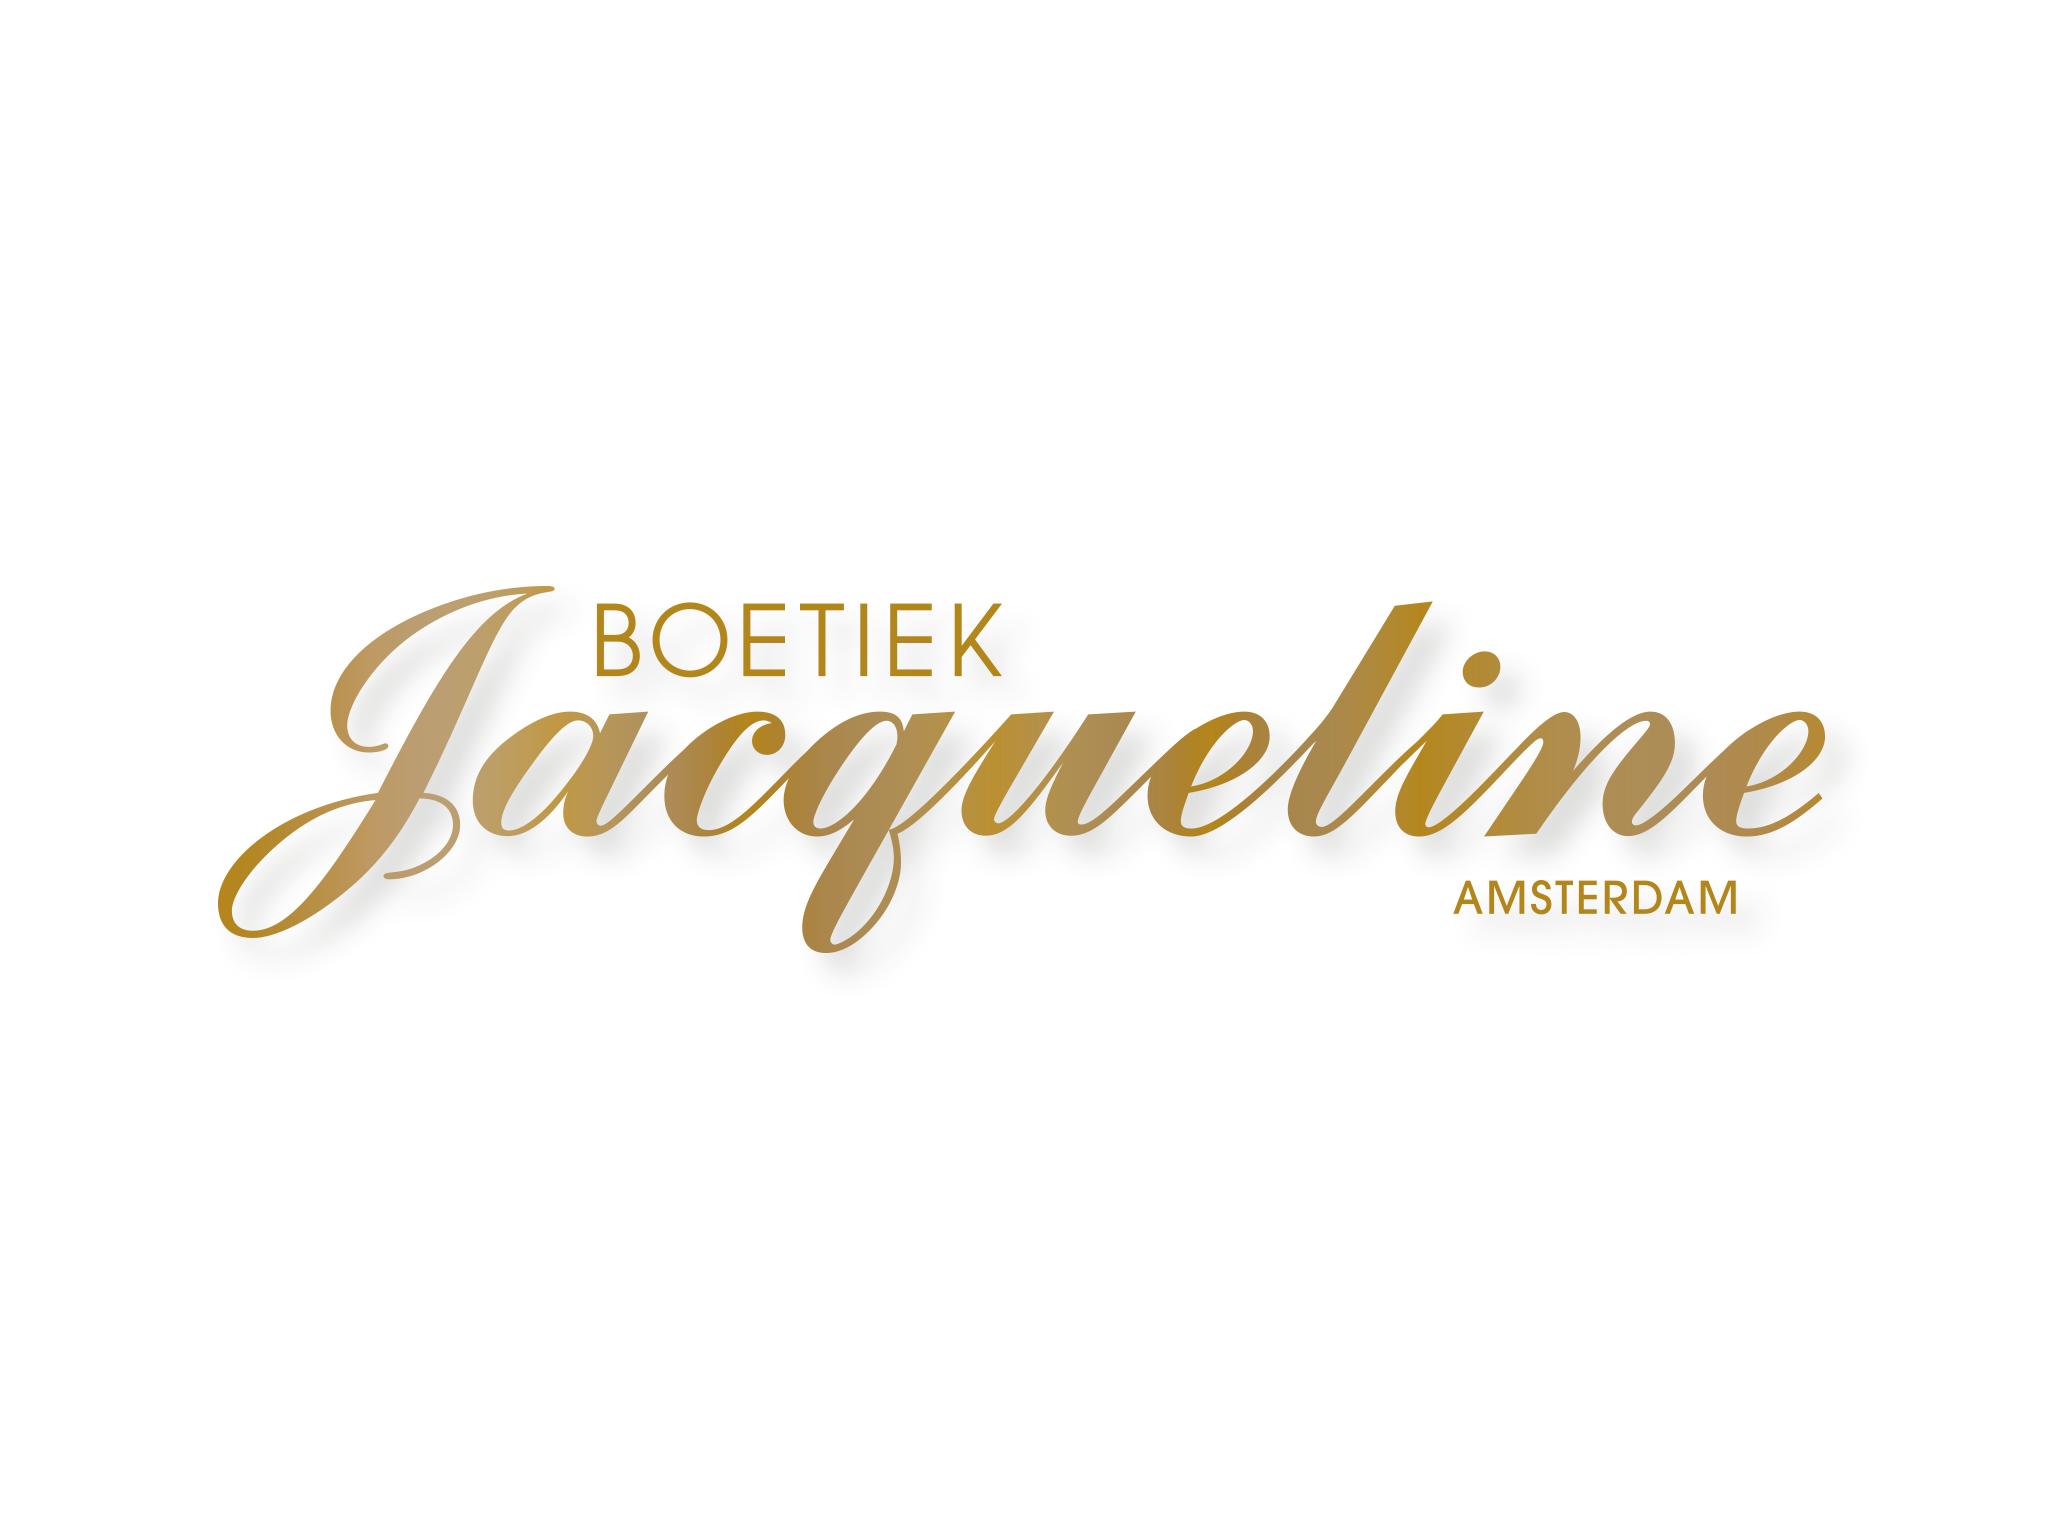 Boutiek Jacqueline